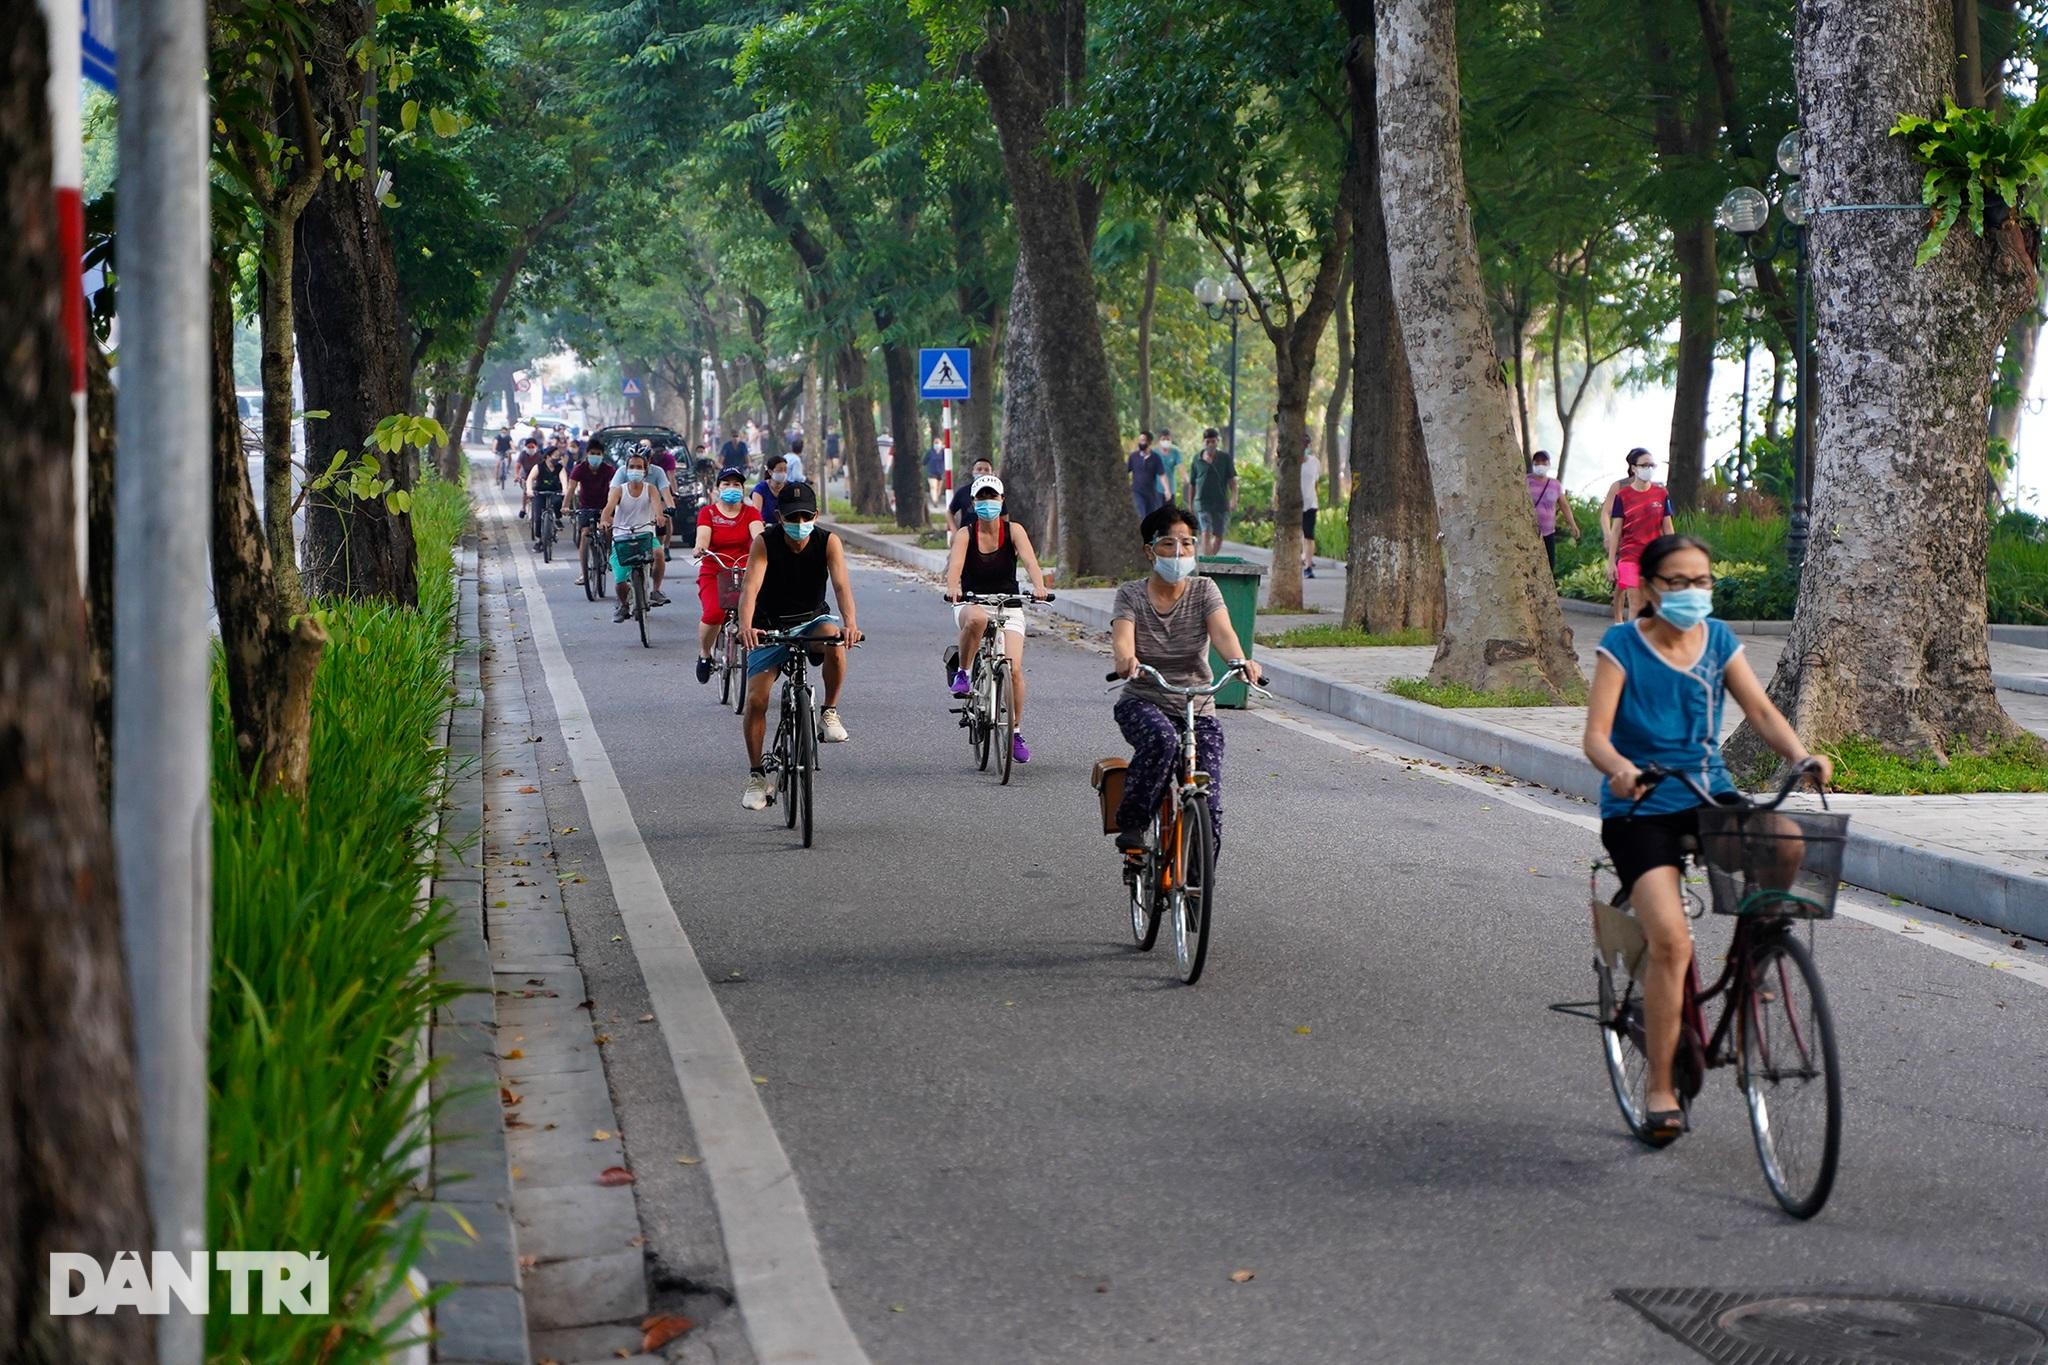 Sau nới lỏng, người dân Hà Nội đổ ra đường tập thể dục từ tờ mờ sáng - 4